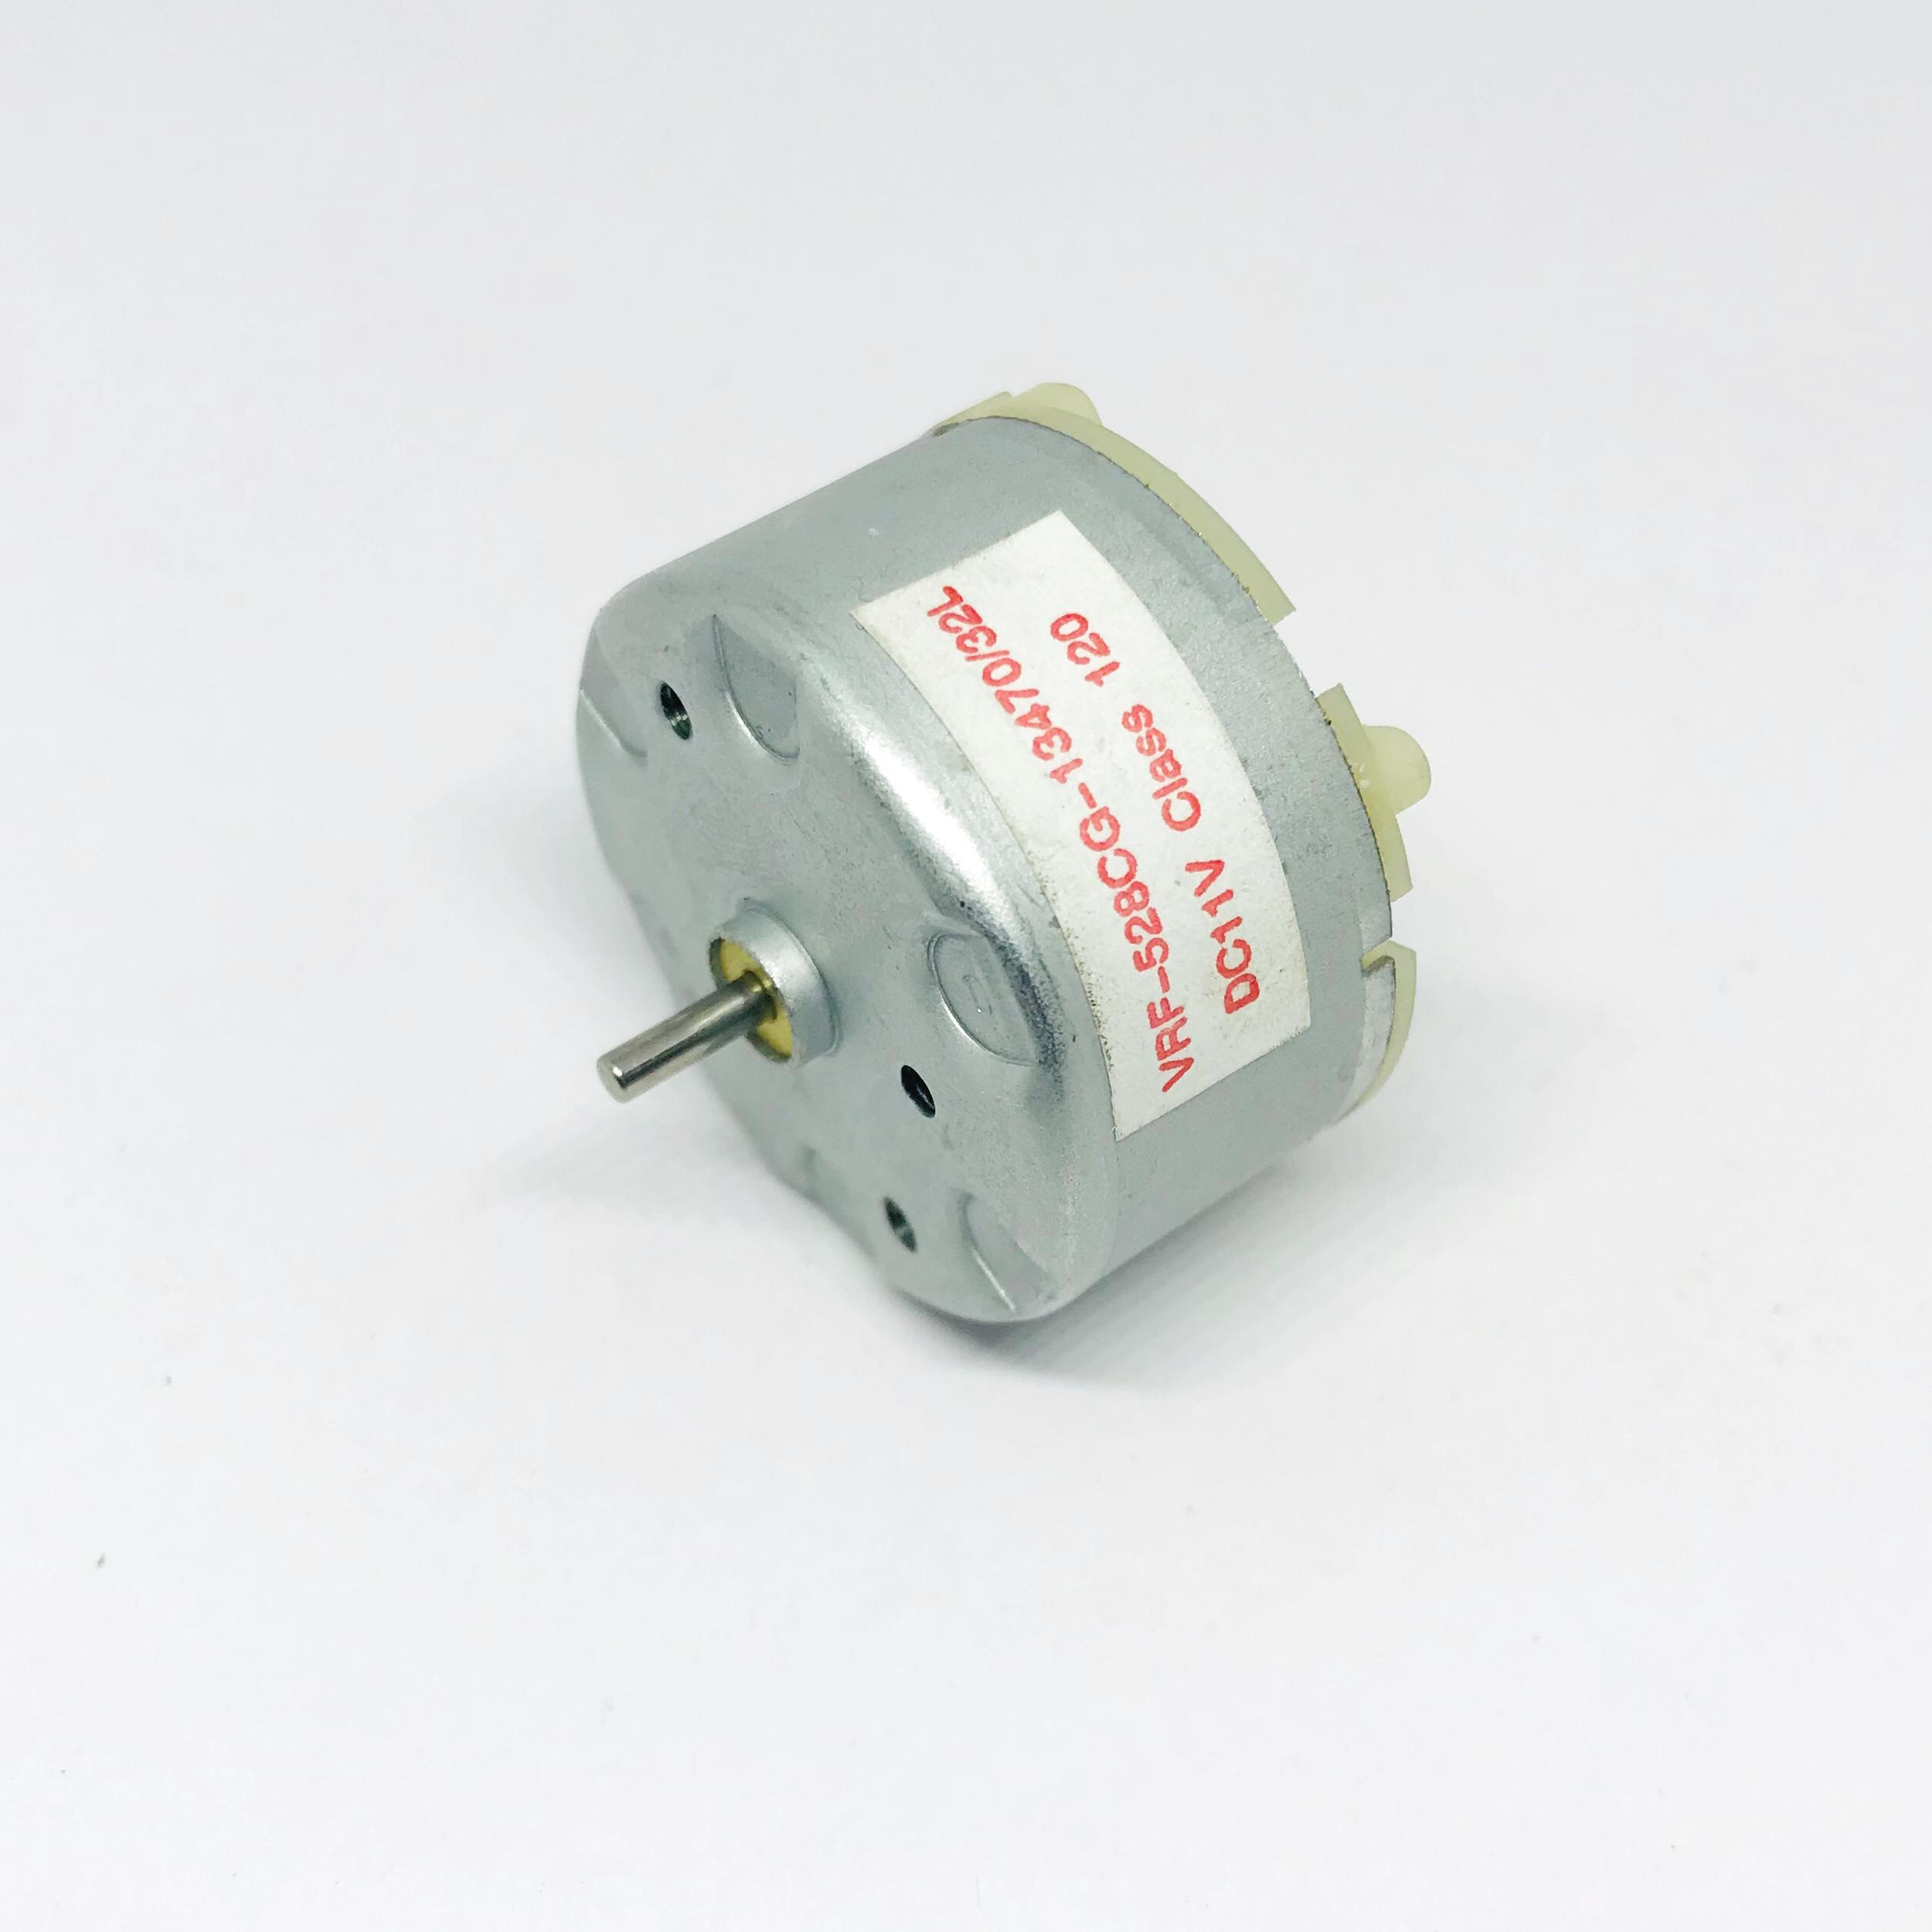 Động cơ motor mô tơ mini VRF-528CG DC 6V-12V chạy êm tốc độ 2500 - 5100 vòng trên phút - LK0100